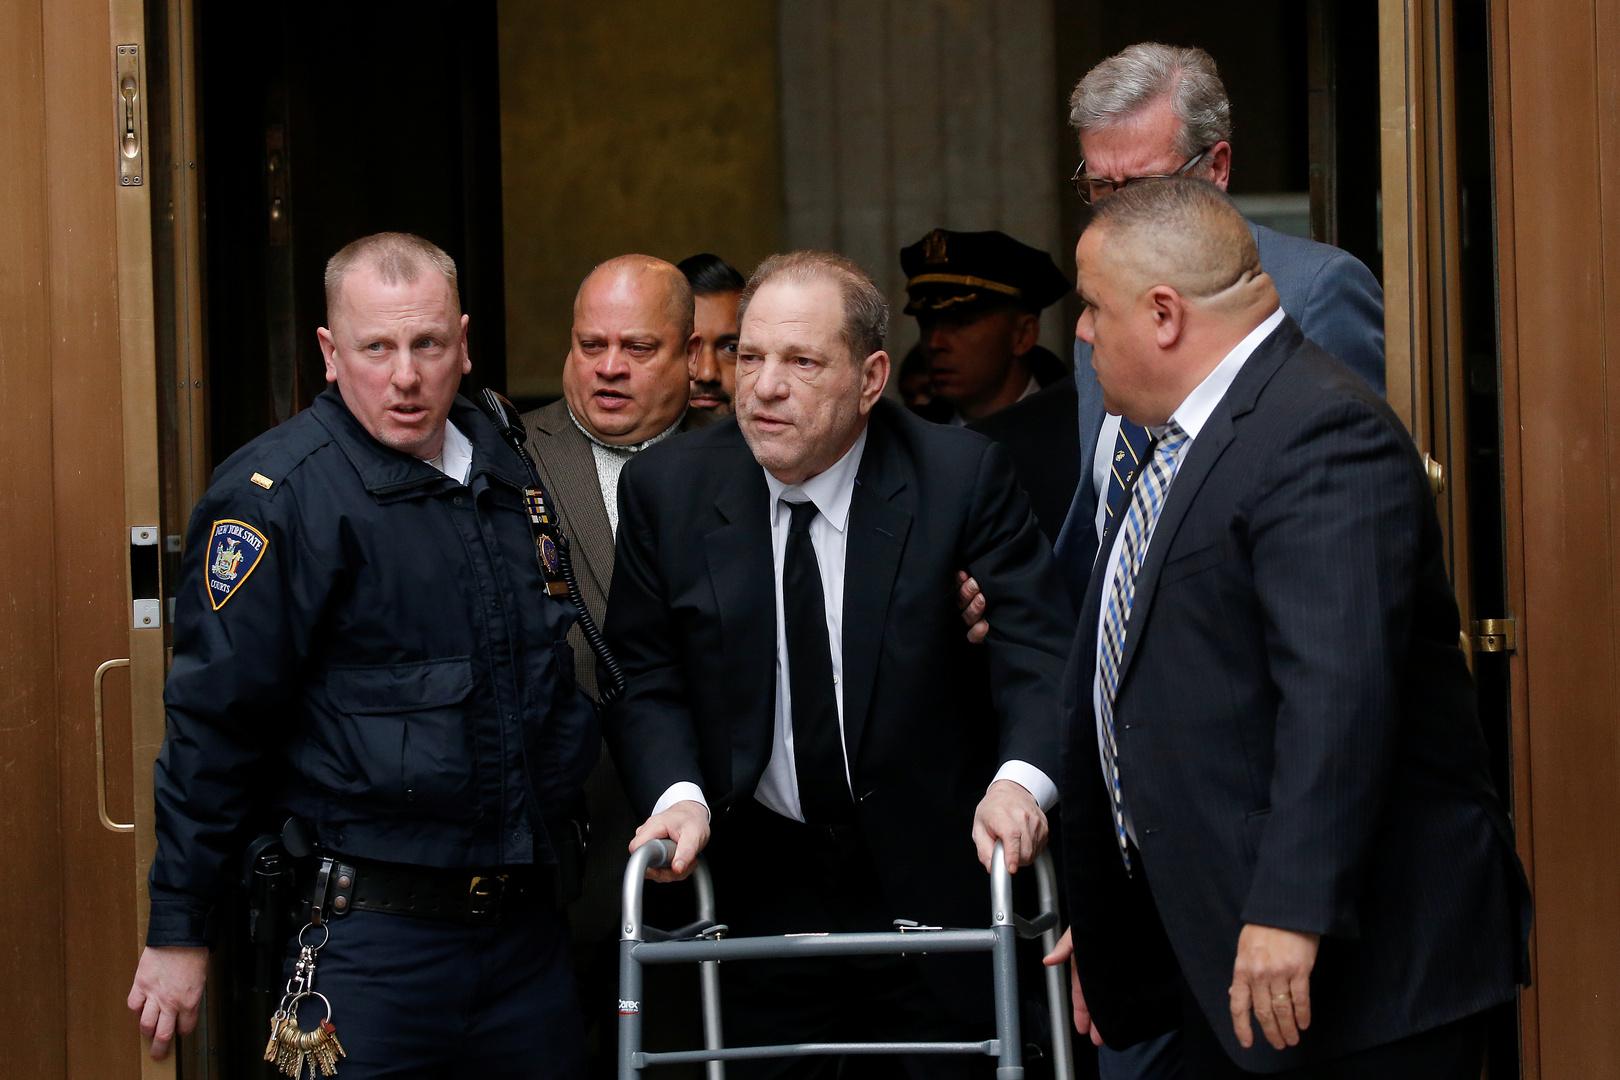 المدعية العامة لنيويورك تعلن عن تسوية قيمتها 19 مليون دولار في قضيتي اعتداء جنسي